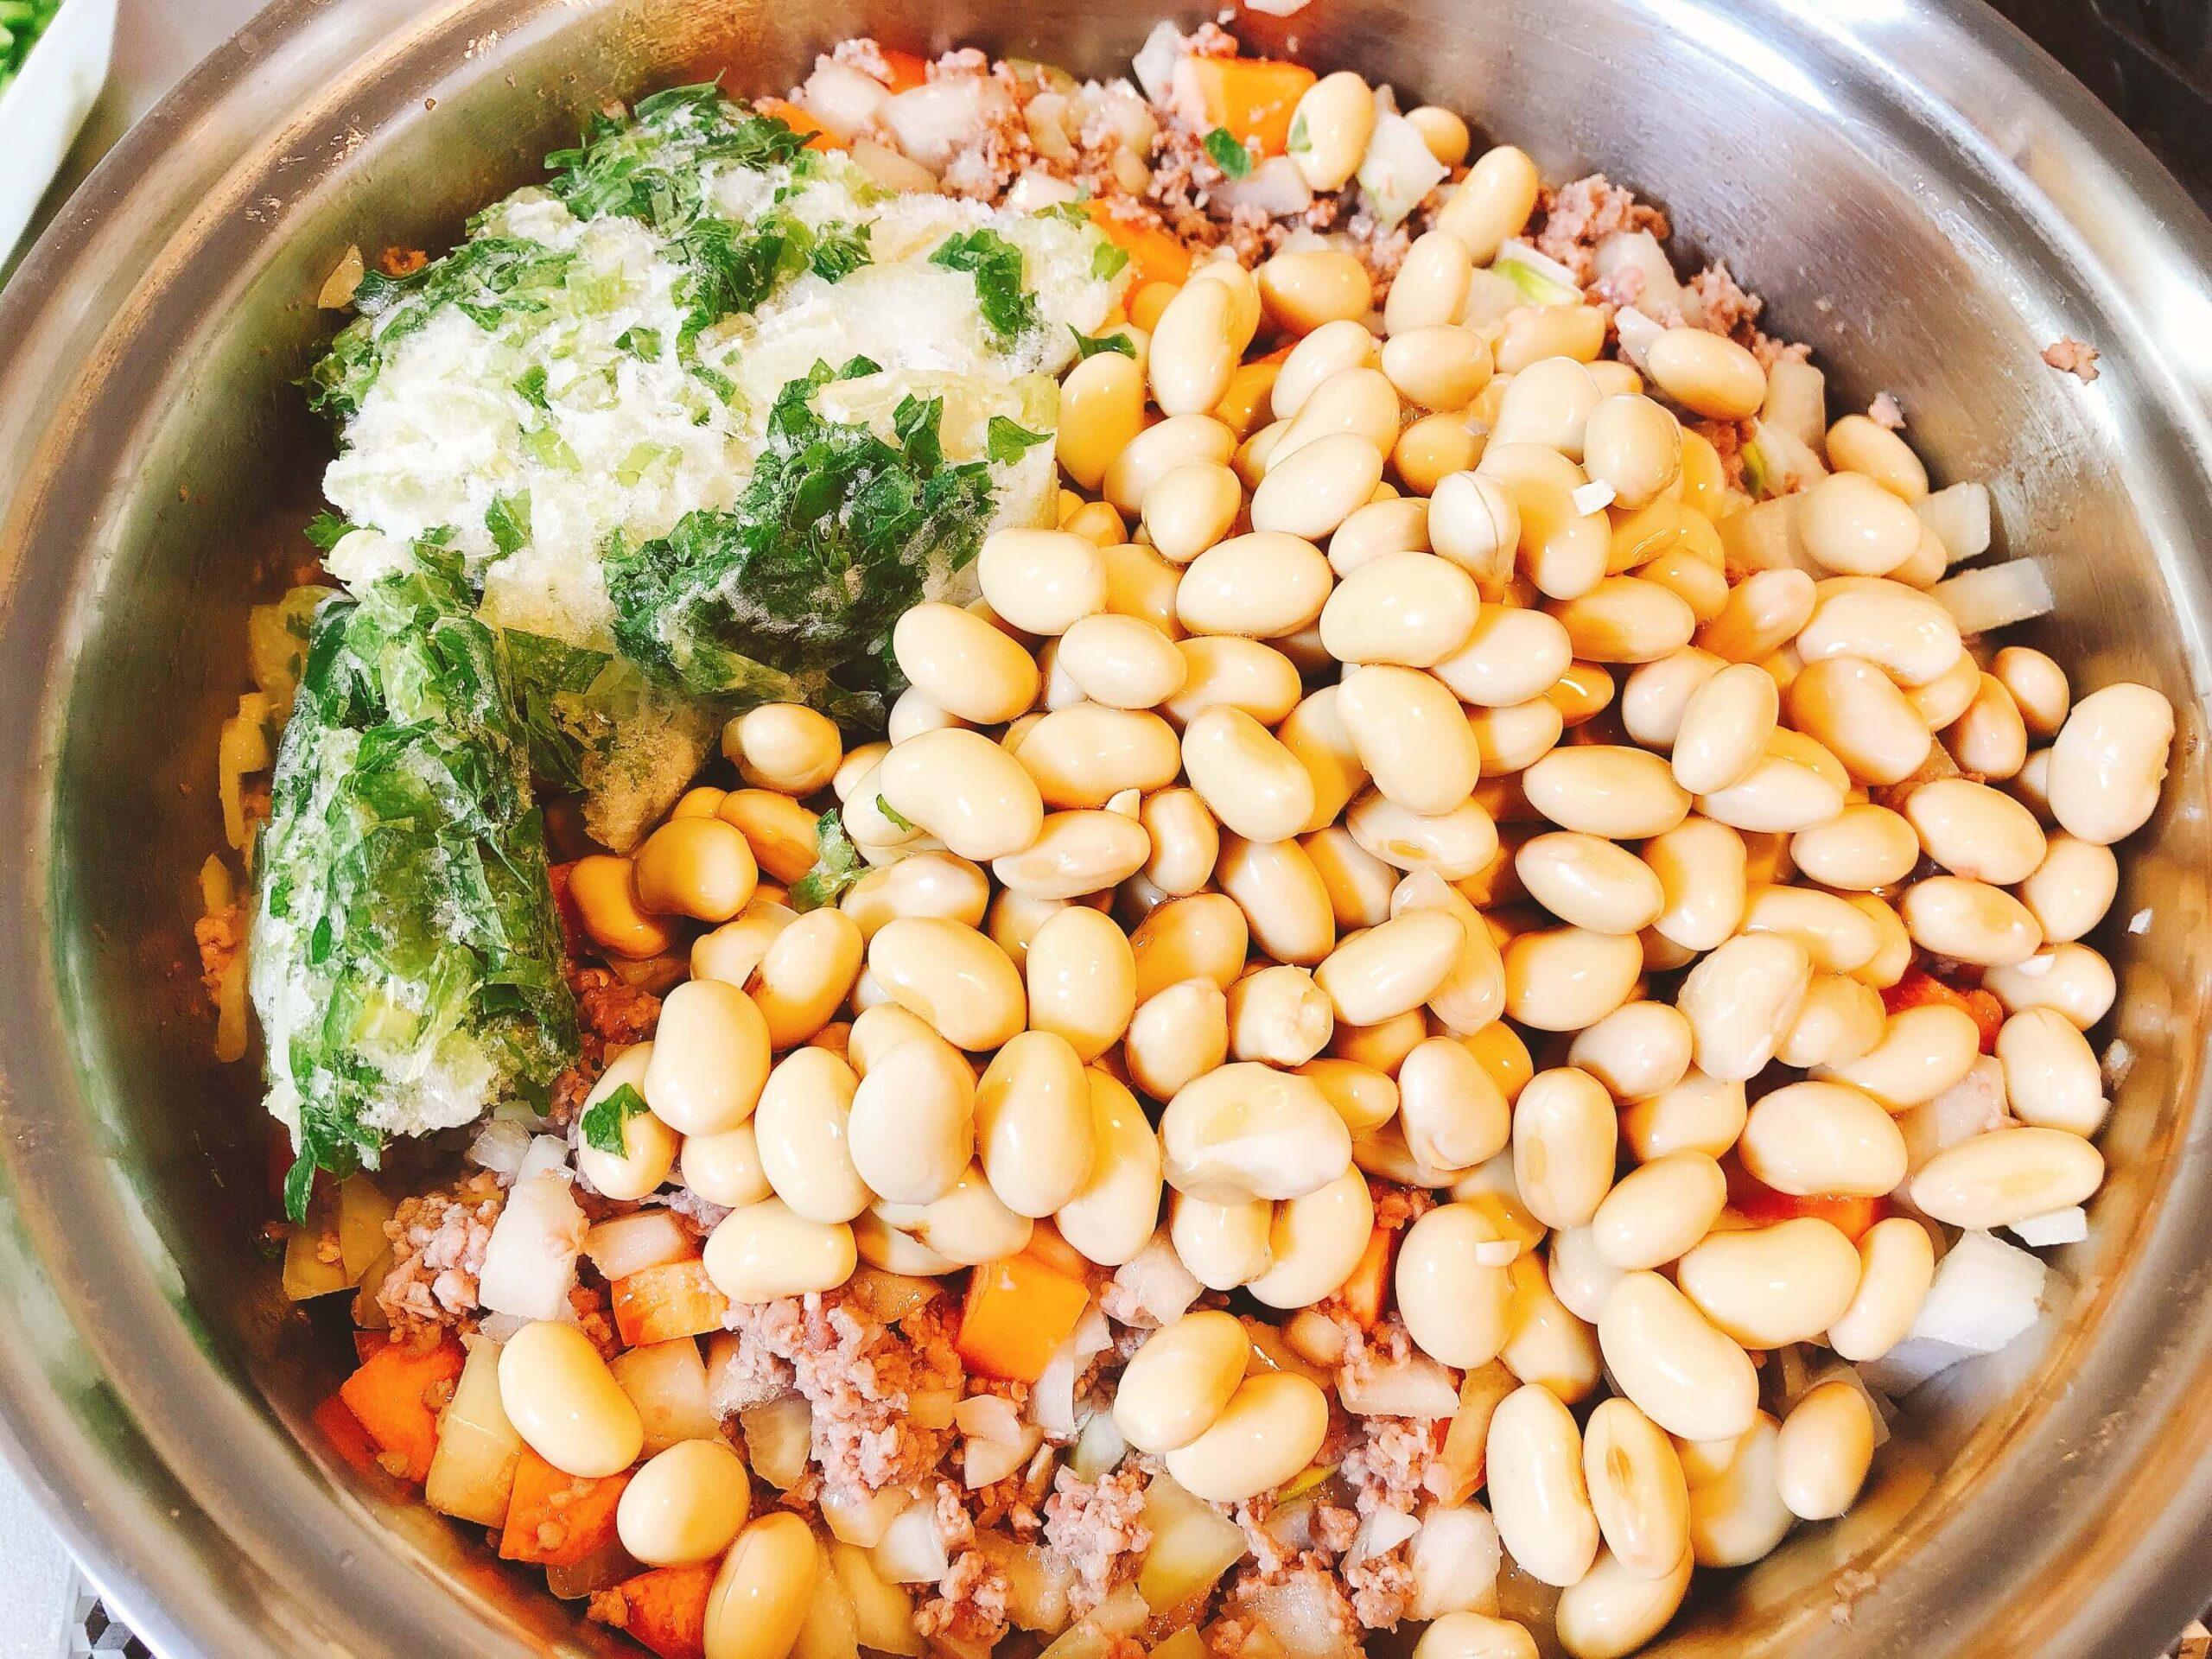 チリコンカン調理、大豆とセロリ炒める